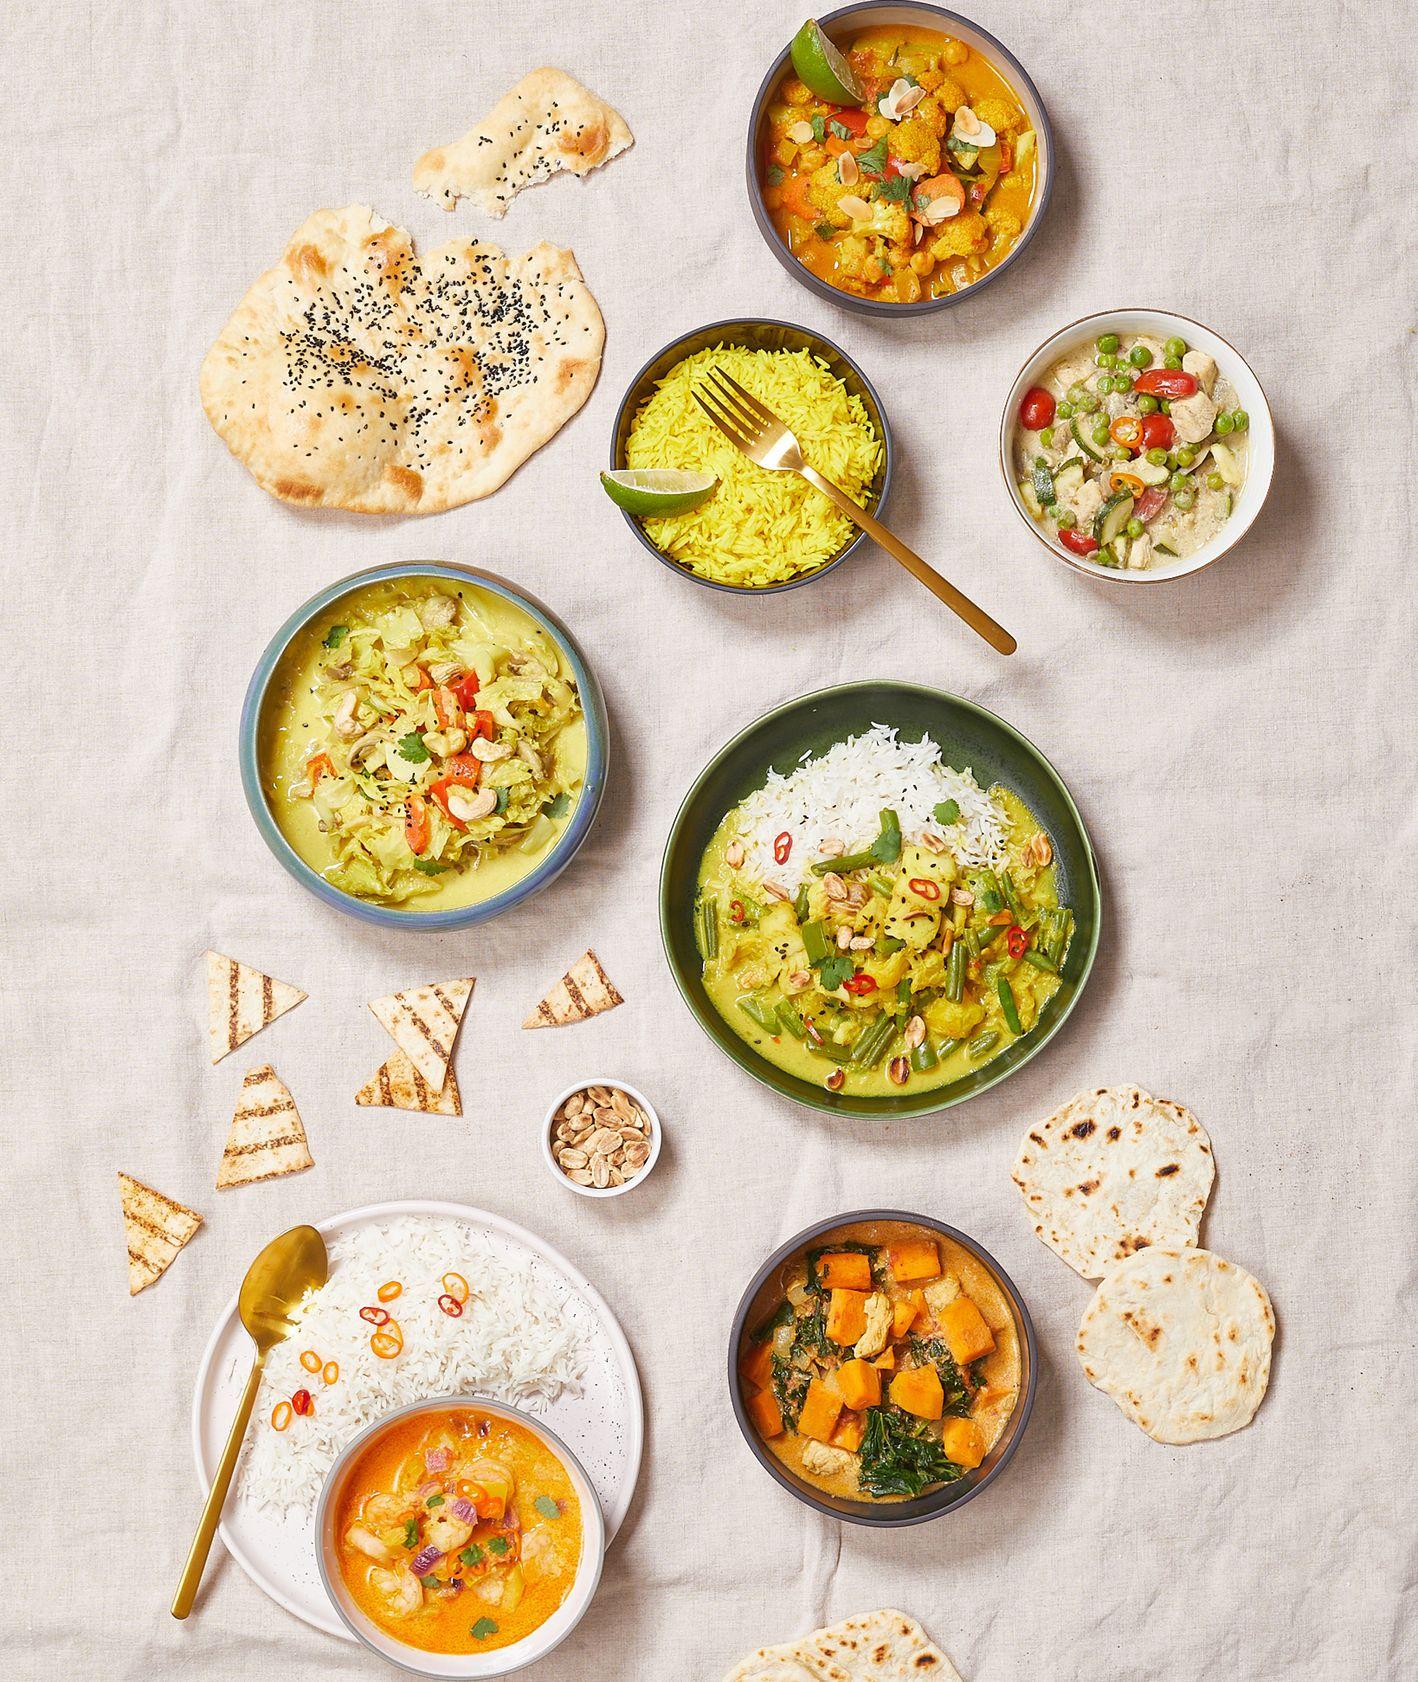 Jak zrobić curry. Zestawienie przepisów na curry (fot. Maciek Niemojewski)